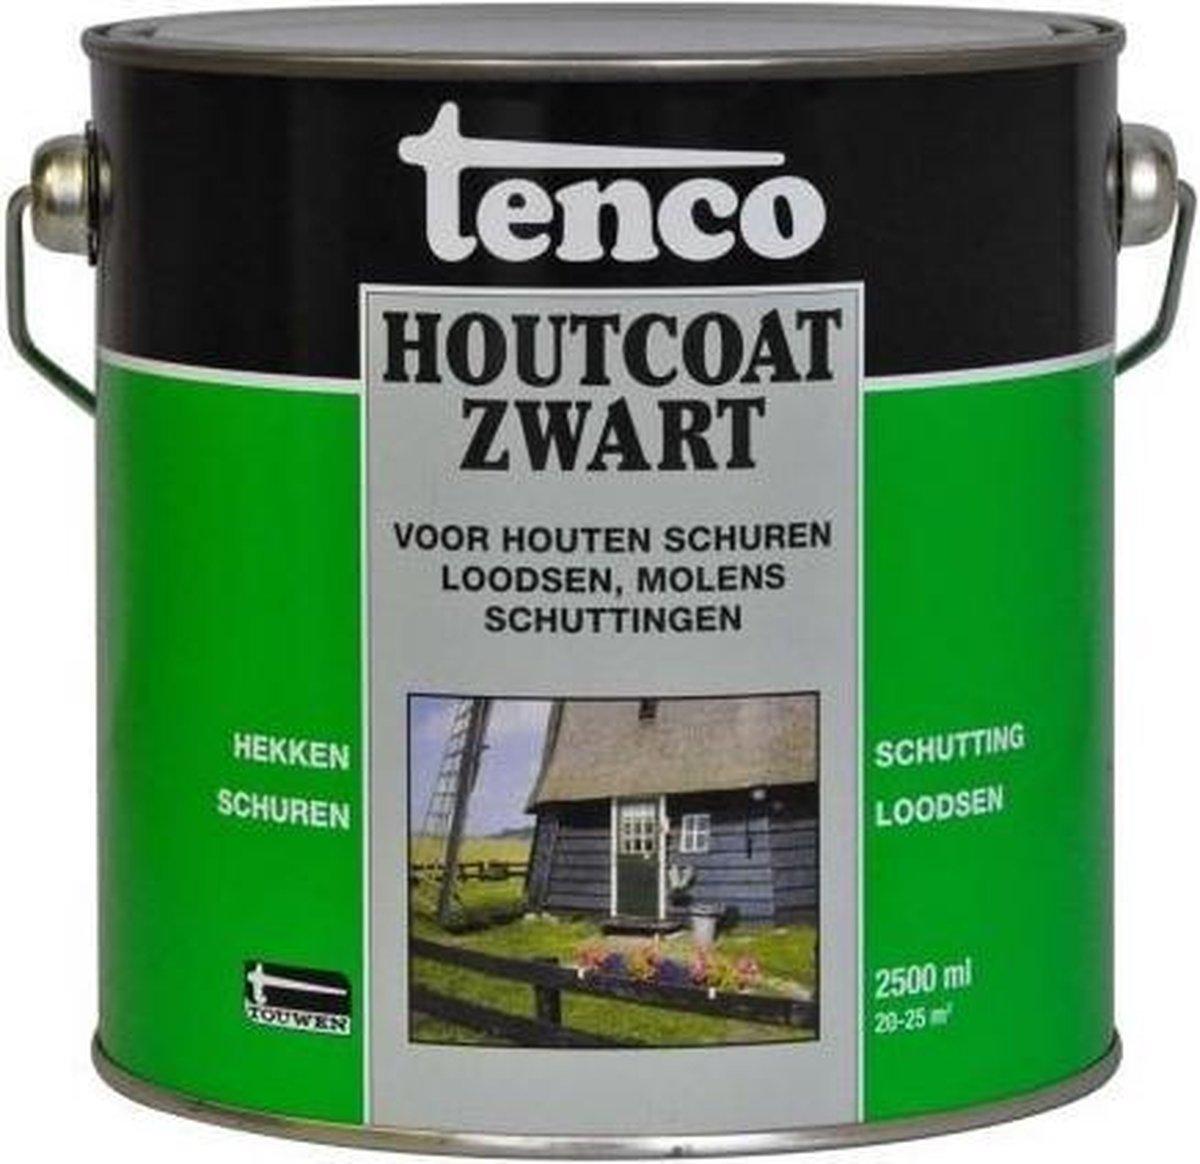 Tenco Houtcoating Zwart - 2,5 liter